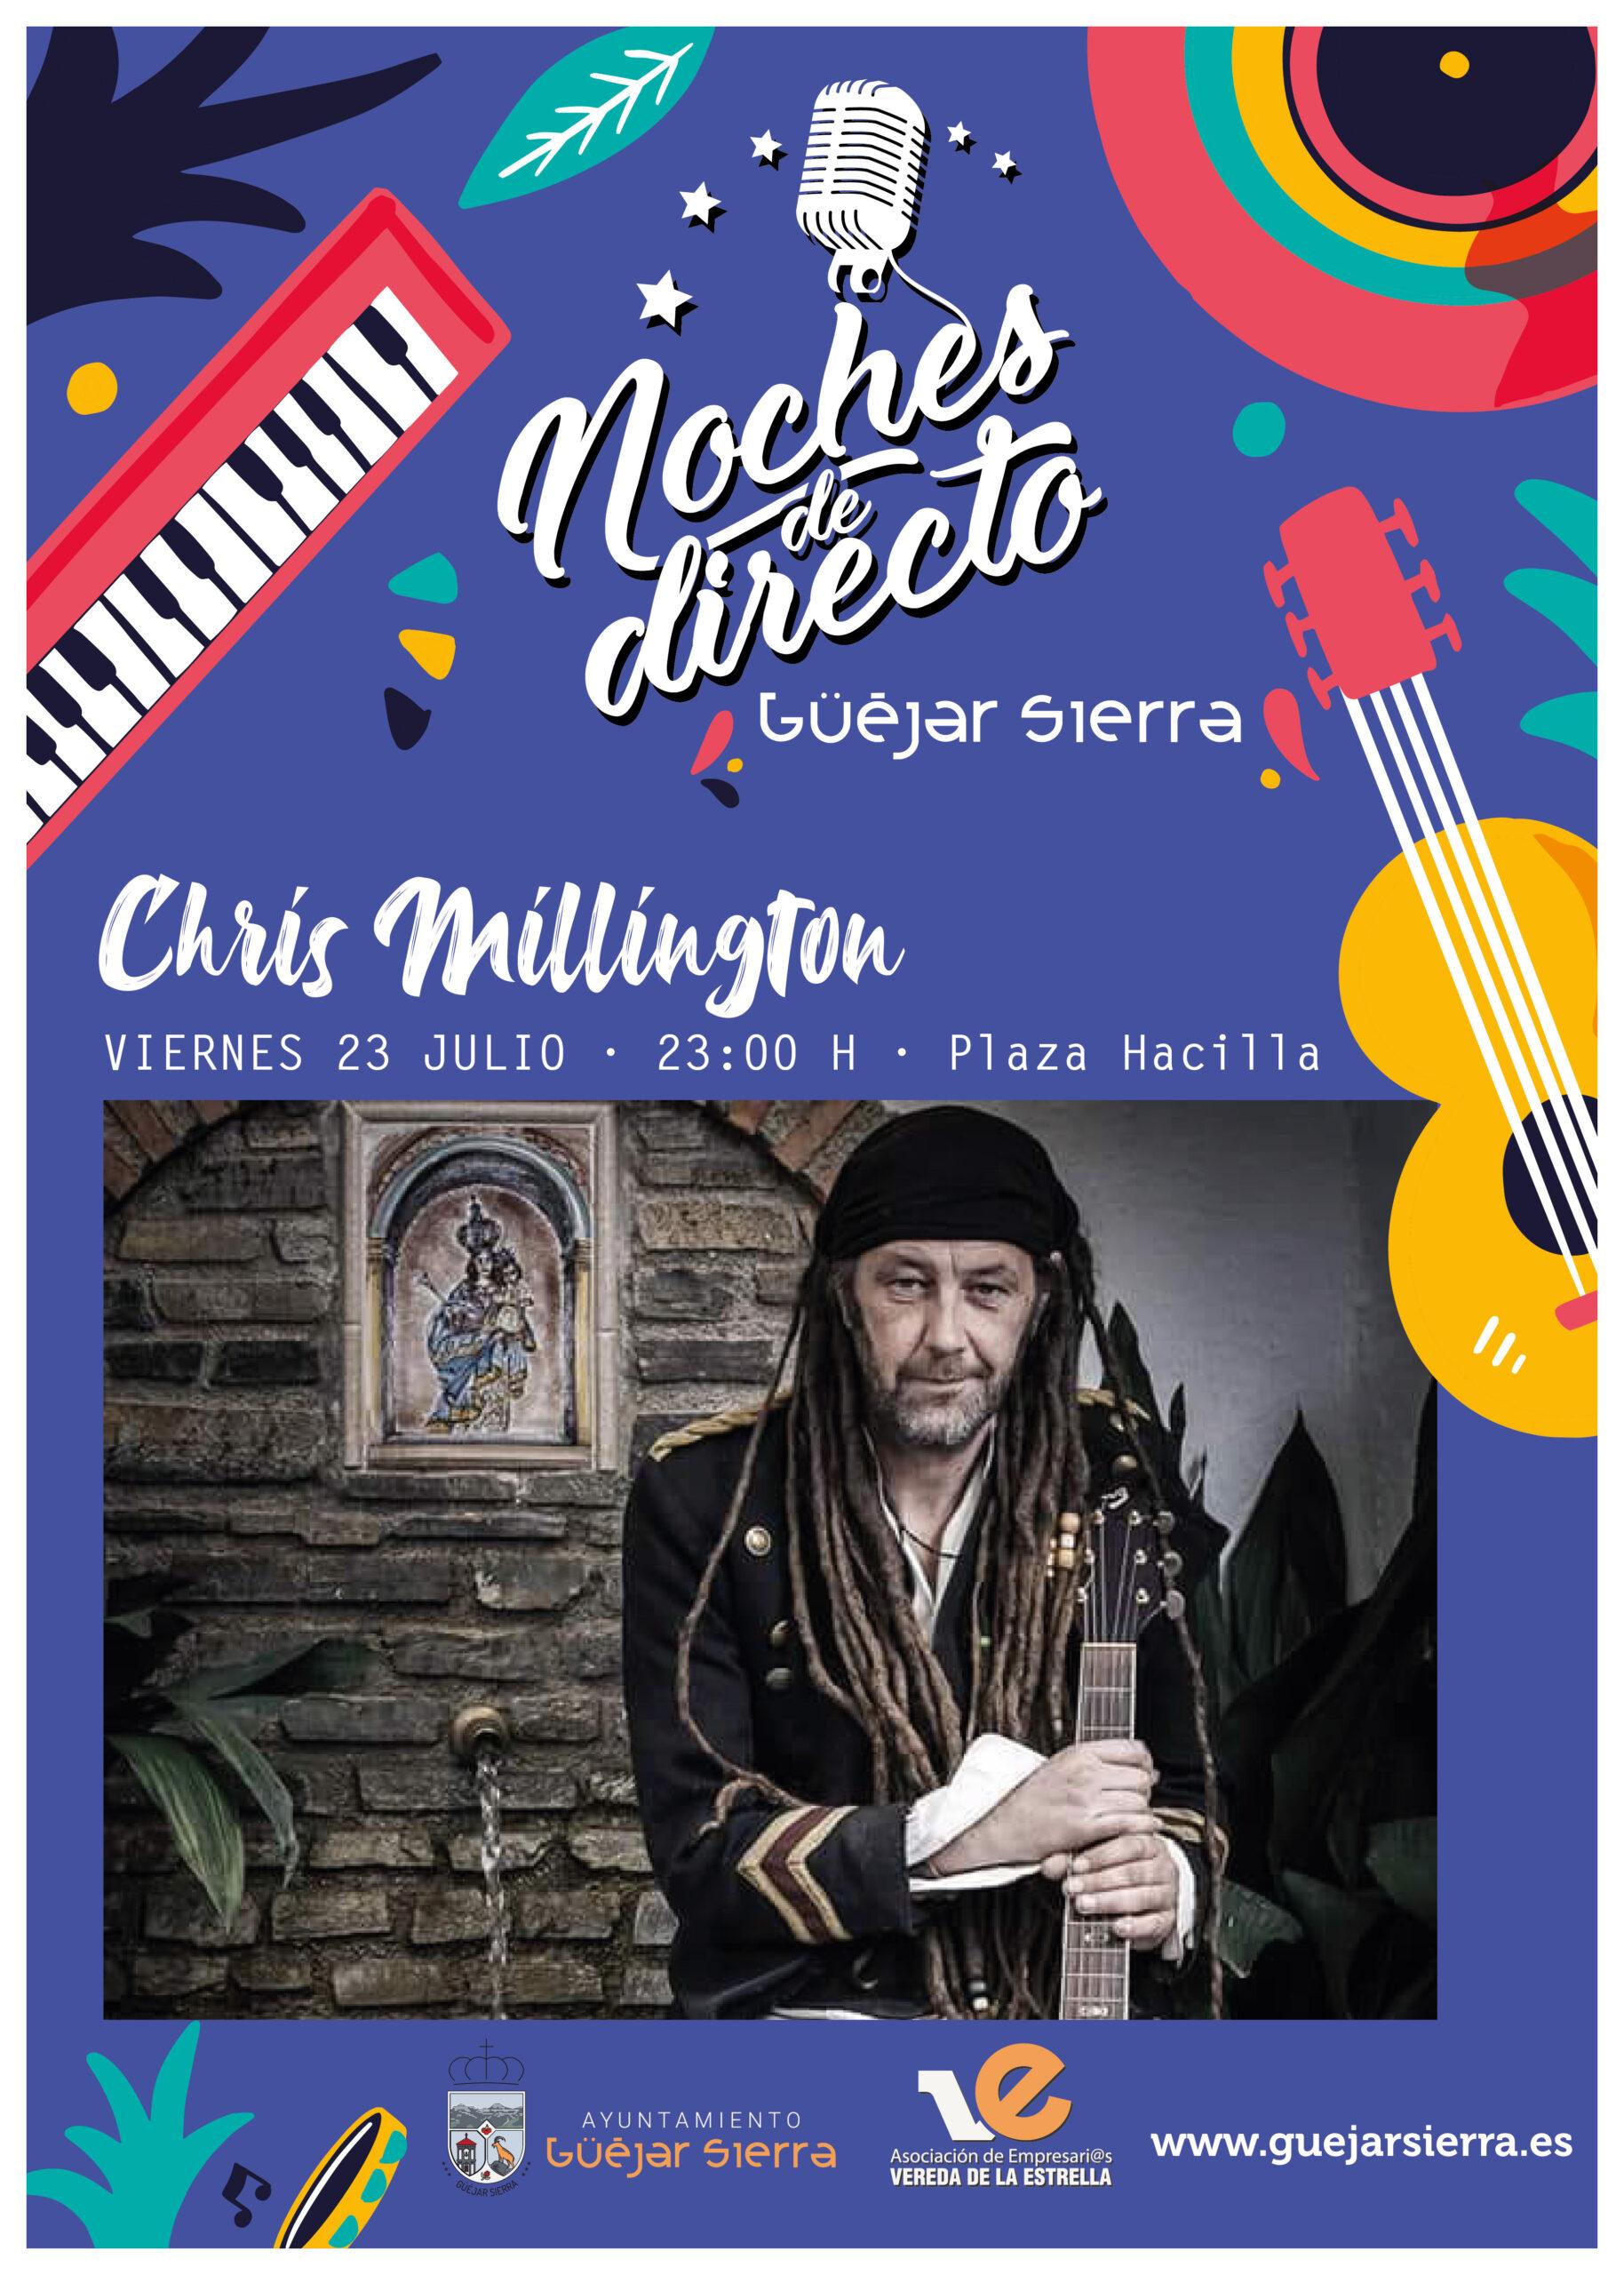 NOCHES DE DIRECTO – CHRIS MILLINGTON (Folk contemporáneo)